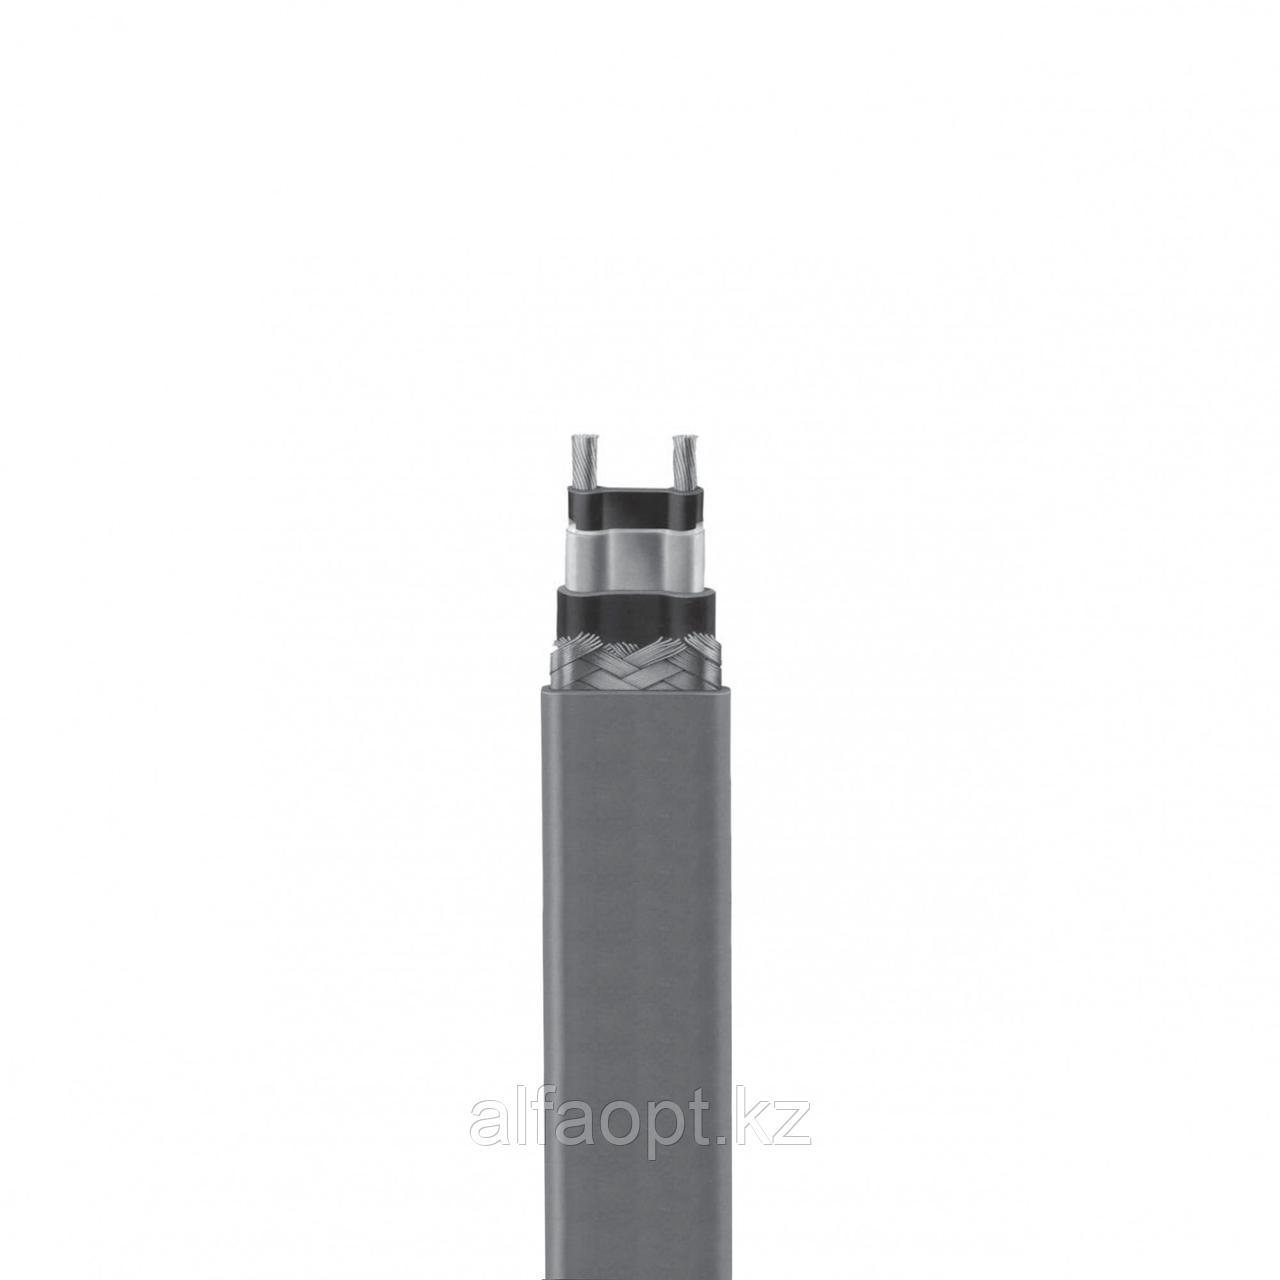 Саморегулирующийся нагревательный кабель NELSON HLT218-J